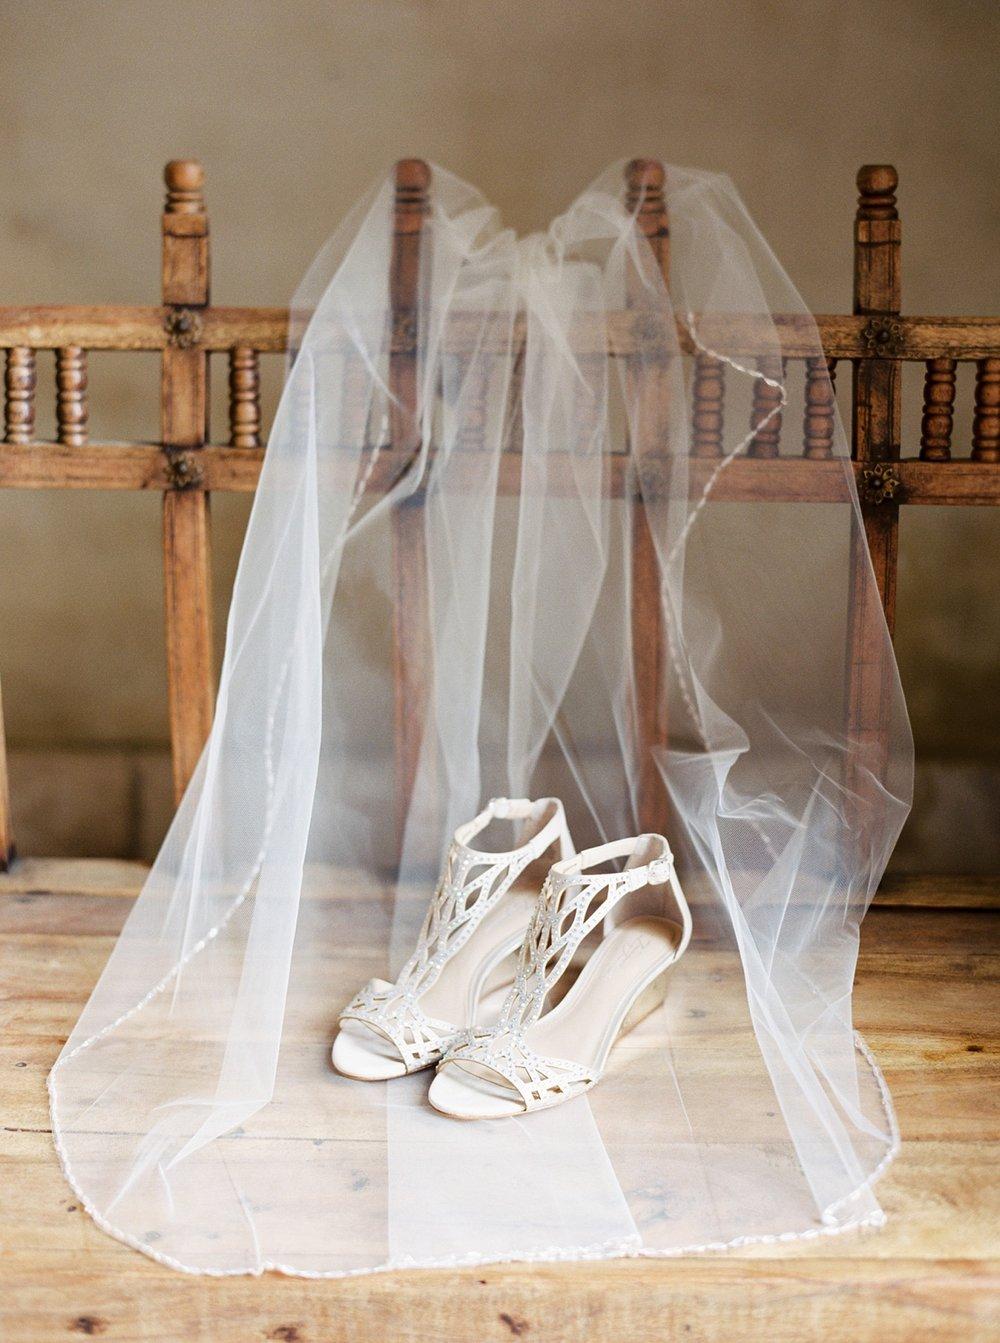 Paso Robles Wedding, Fresno Wedding photographers, California fine art wedding photographer, California Wedding Photographers, Paso Robles wedding photographer, allegretovineyardresort